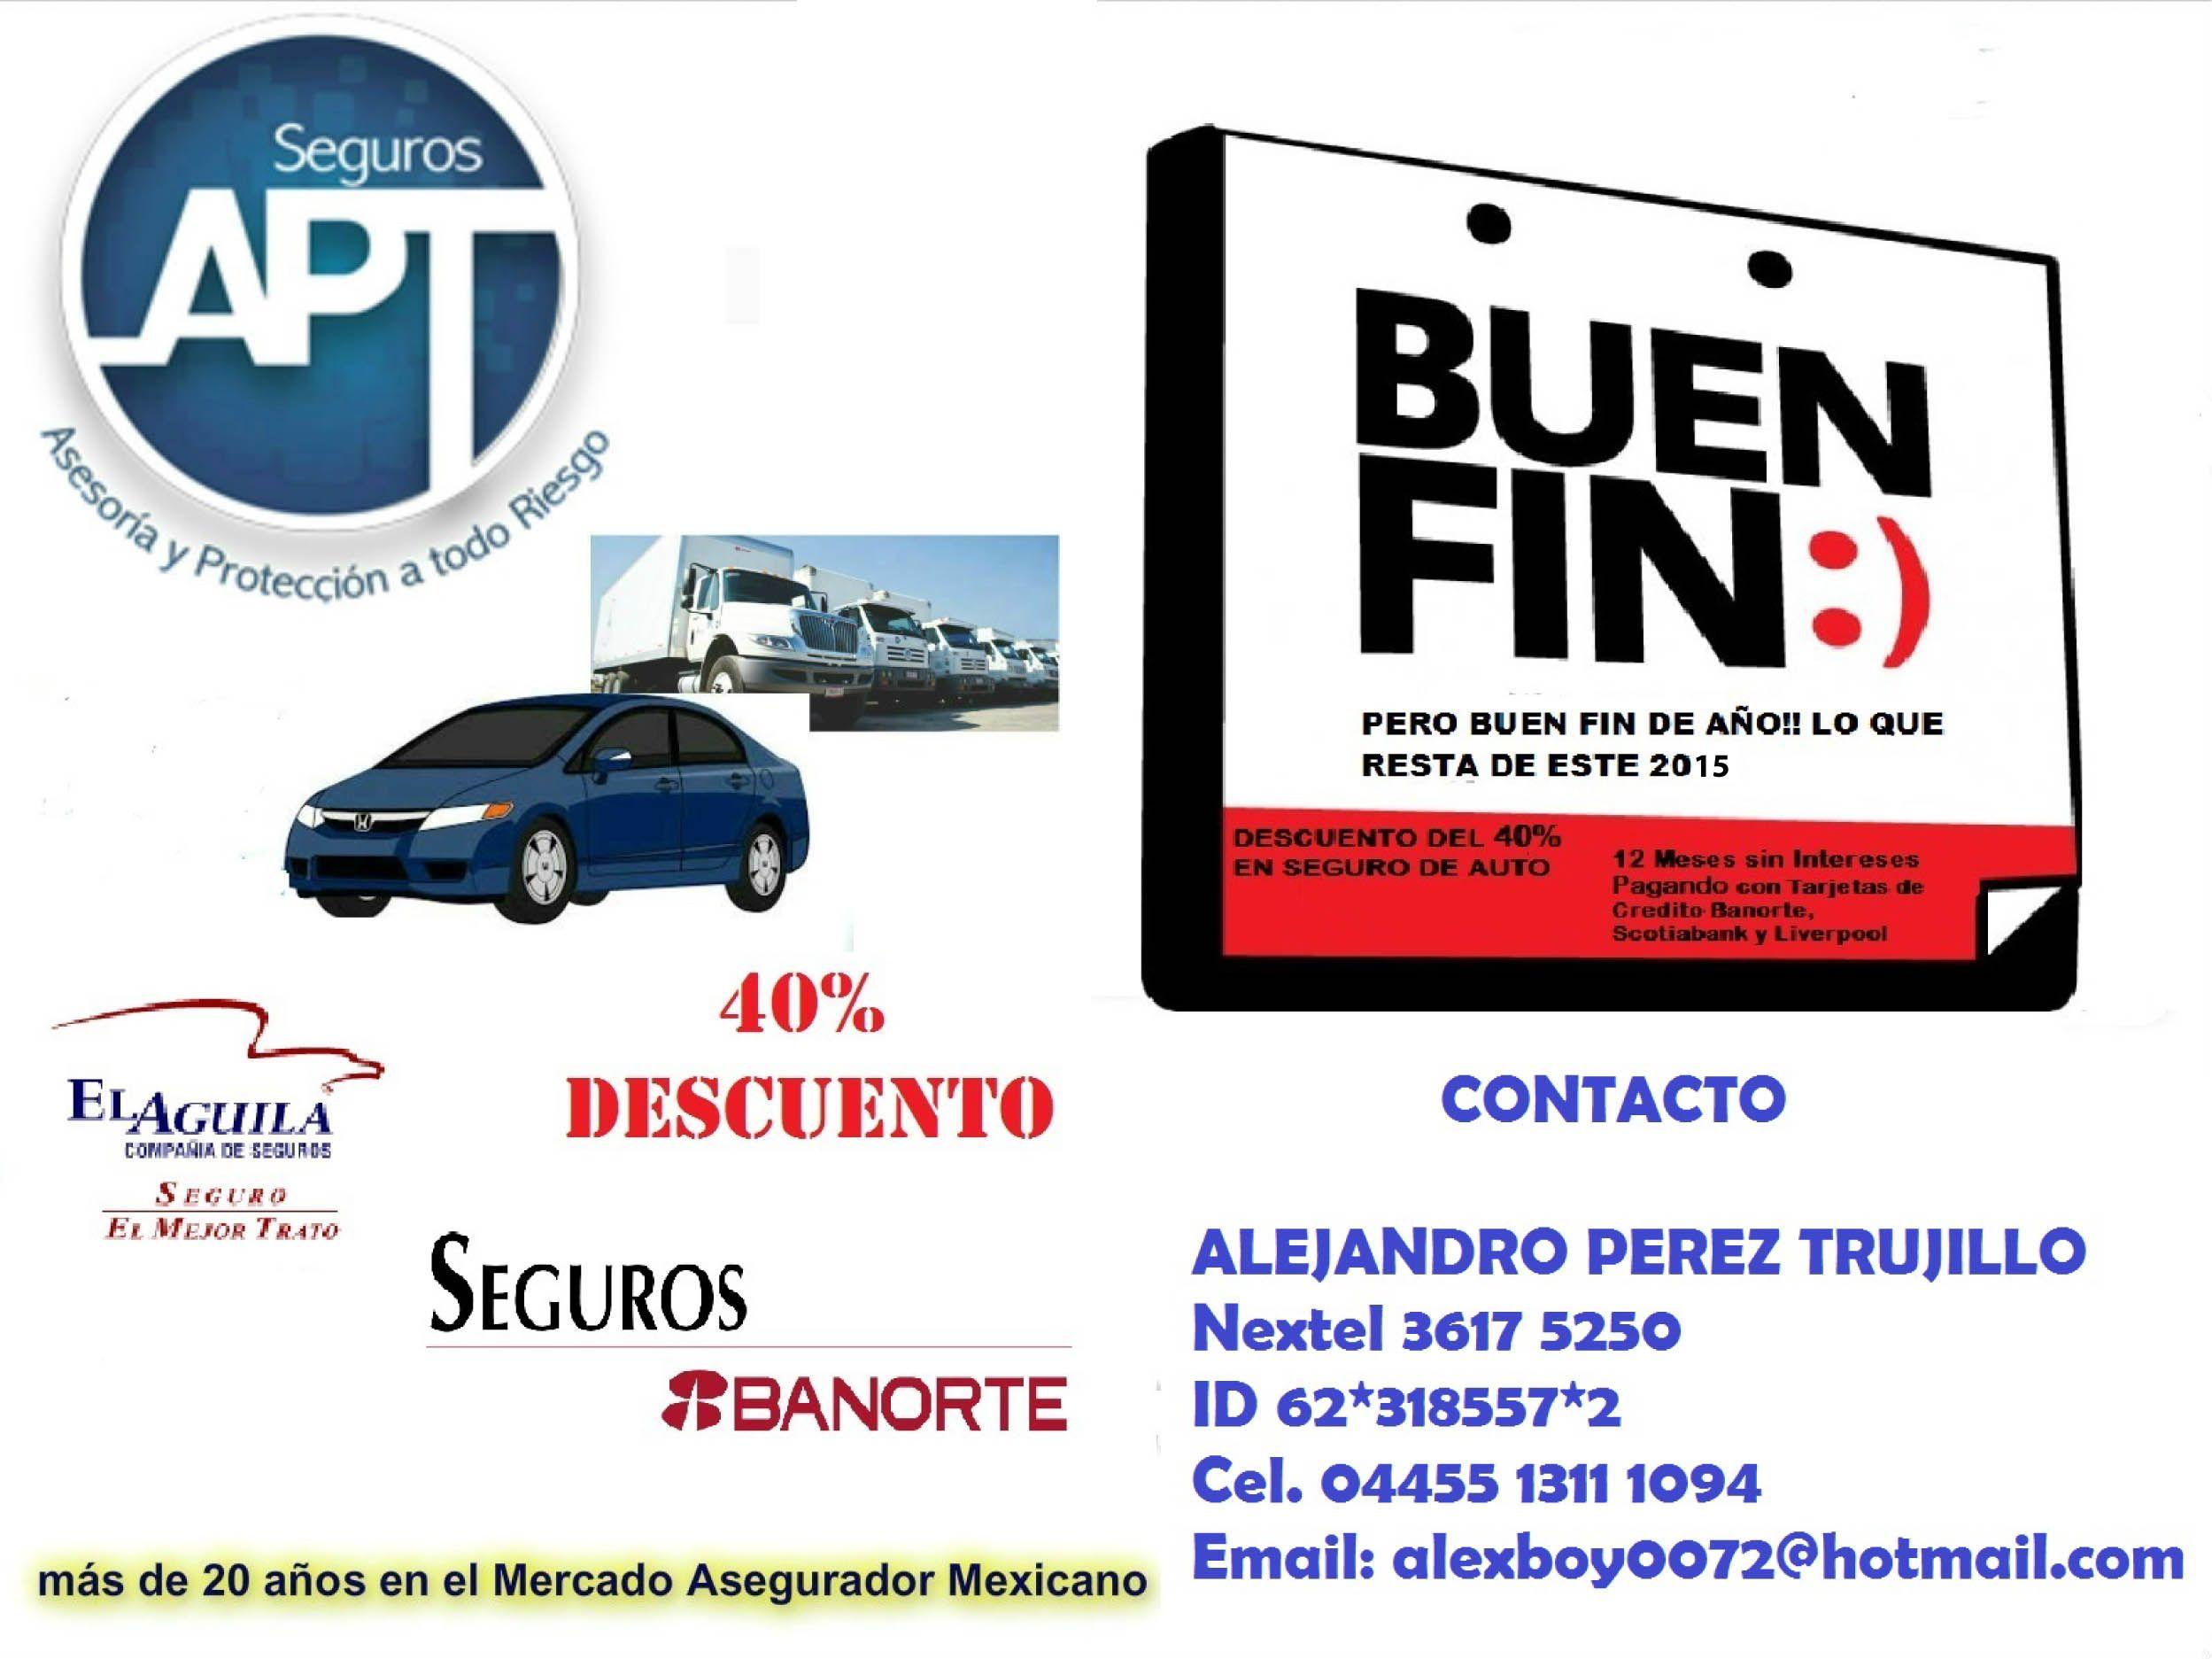 APT Seguros @Ubiktdf #Ubiktdf  #Directorio #Anuncio #Publicidad #Seguros #Autos #Camiones #Aseguradora #Informacion #Clientes #Negocio #Mexico #DistritoFederal #MasClientes #HechoEnMexico #Empresa #Producto #Servicio #Atencion #DF #Comercios #RedesSociales #DirectorioComercial http://goo.gl/Zg4XhG